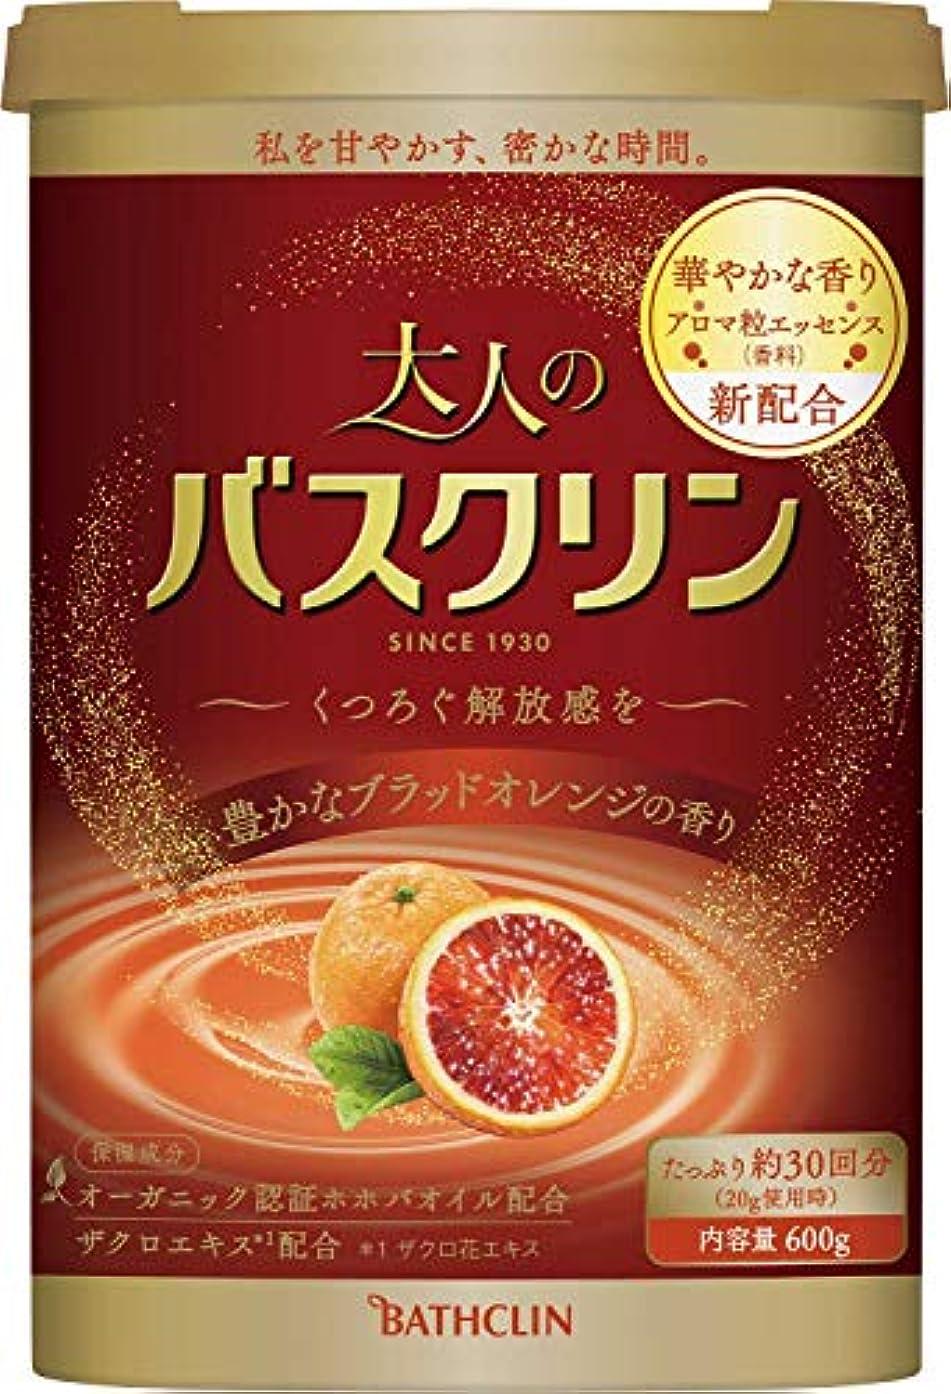 マルコポーロ変なエジプト人大人のバスクリン入浴剤 豊かなブラッドオレンジの香り600g(約30回分) リラックス にごりタイプ